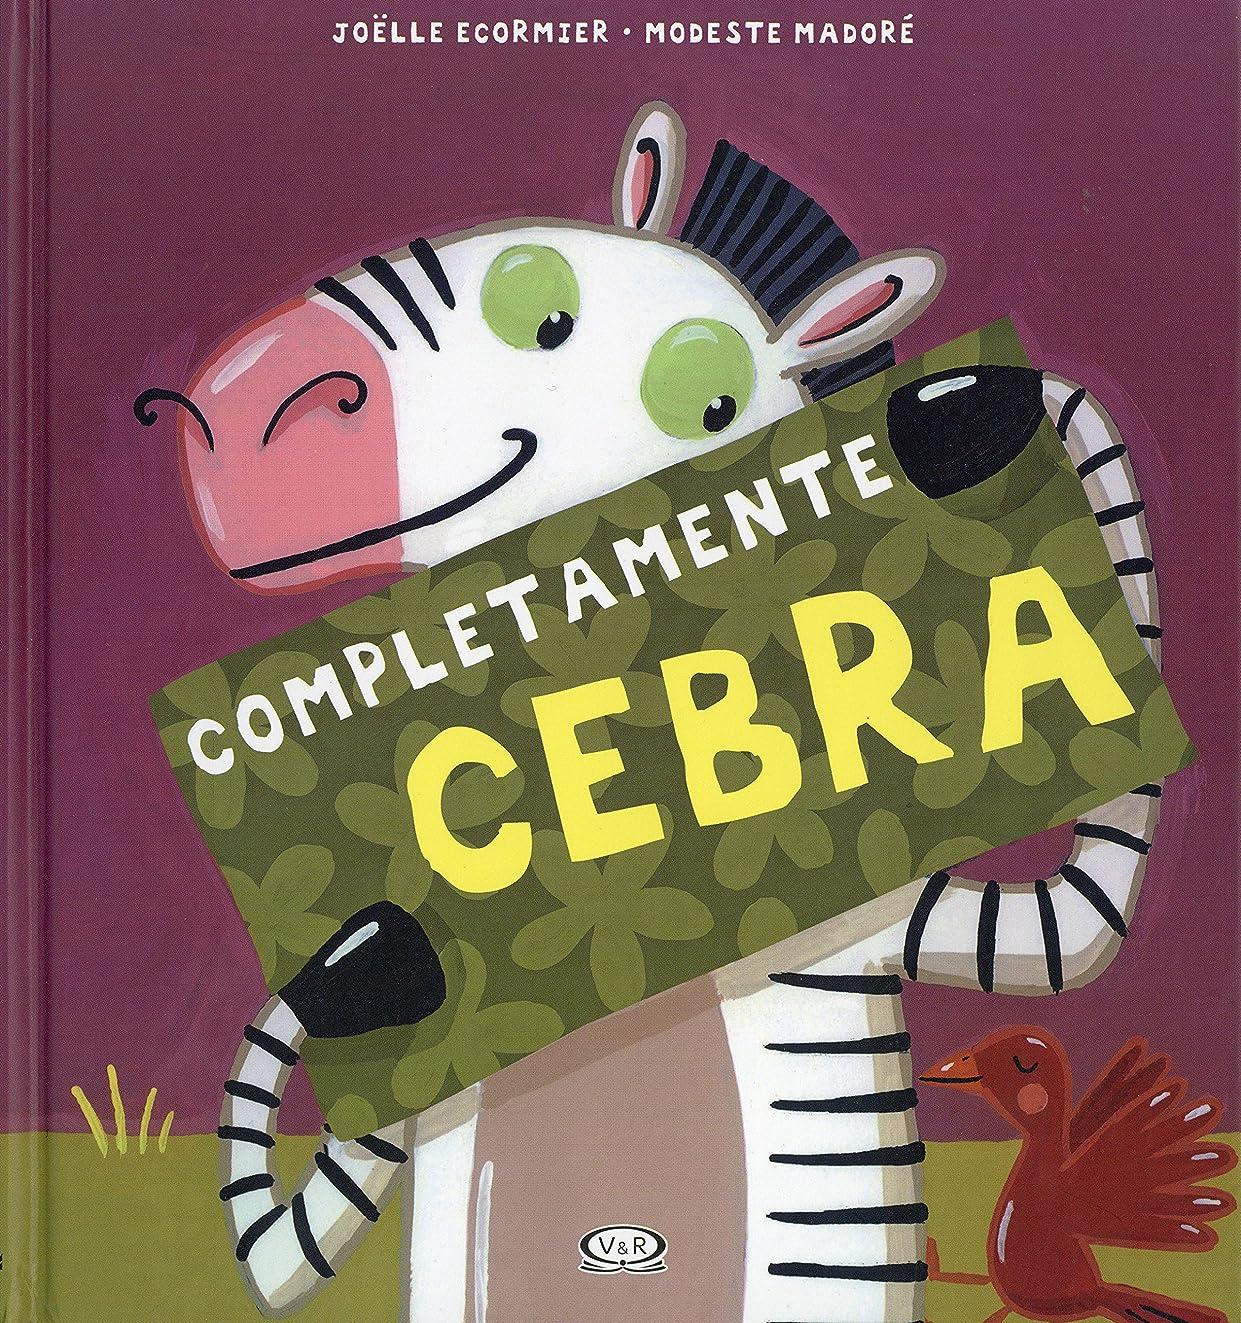 Completamente cebra (Spanish Edition)